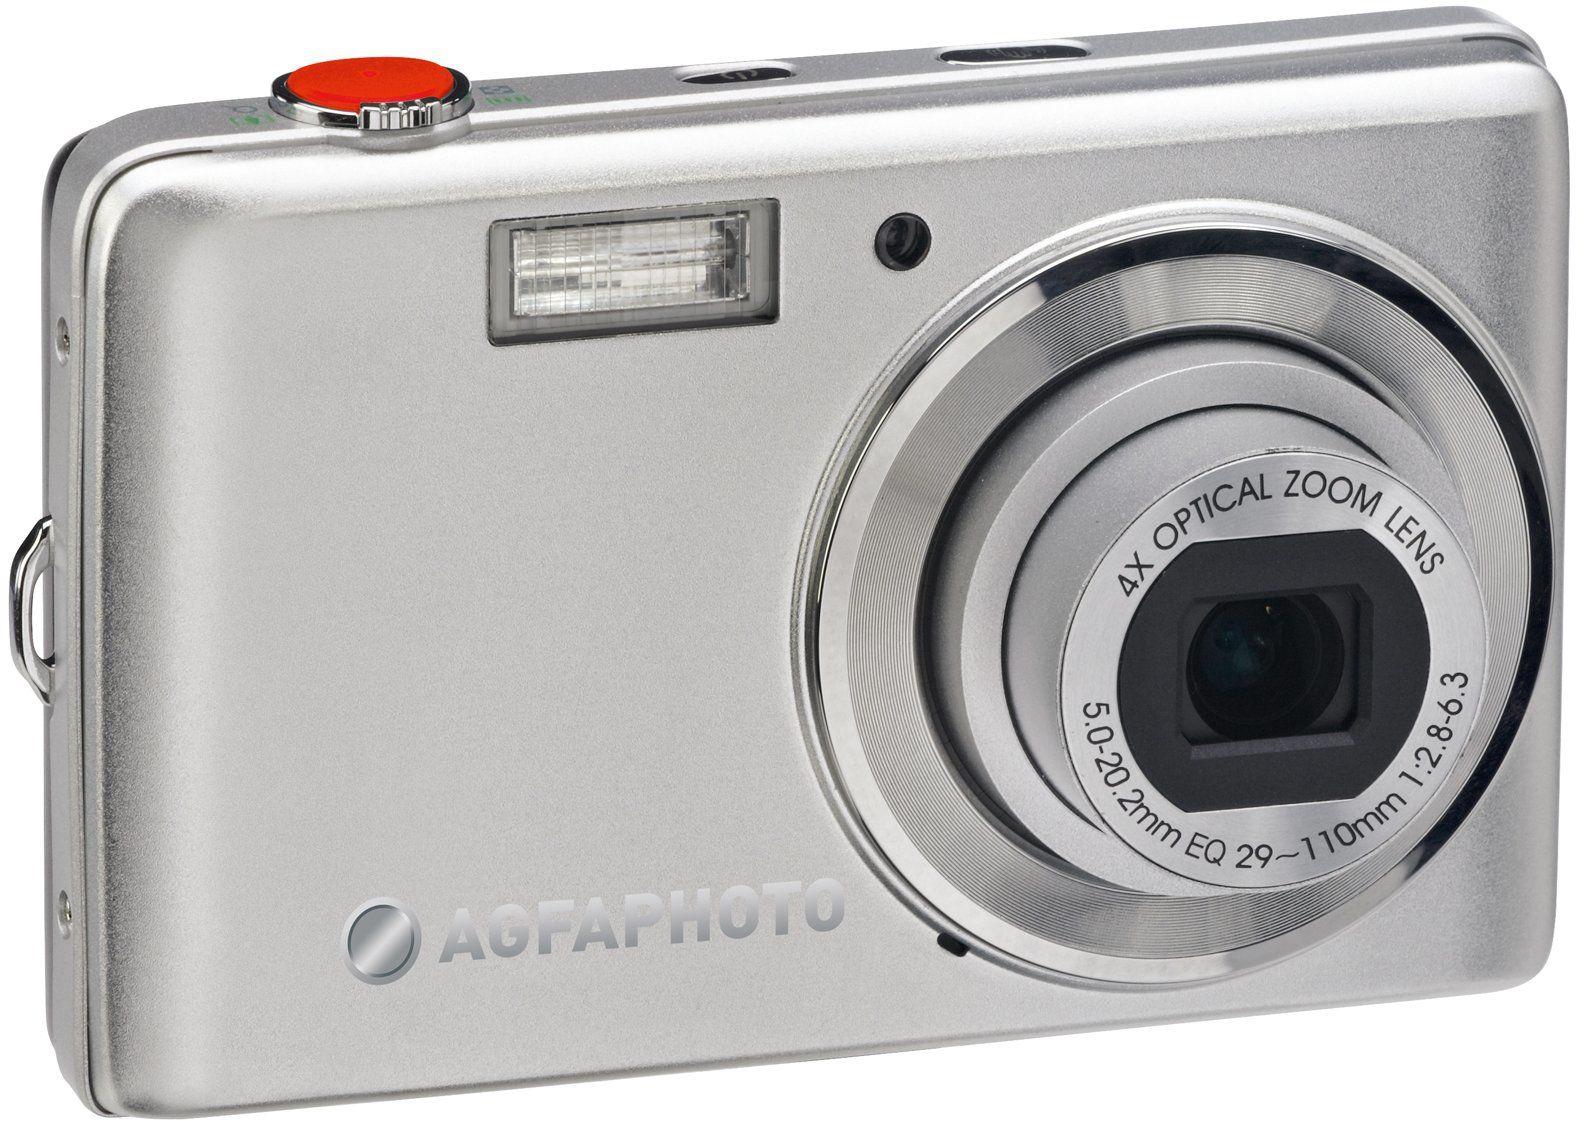 AgfaPhoto Optima 104 aparat cyfrowy (12 megapikseli, 4-krotny zoom, wyświetlacz 3 calowy), srebrny